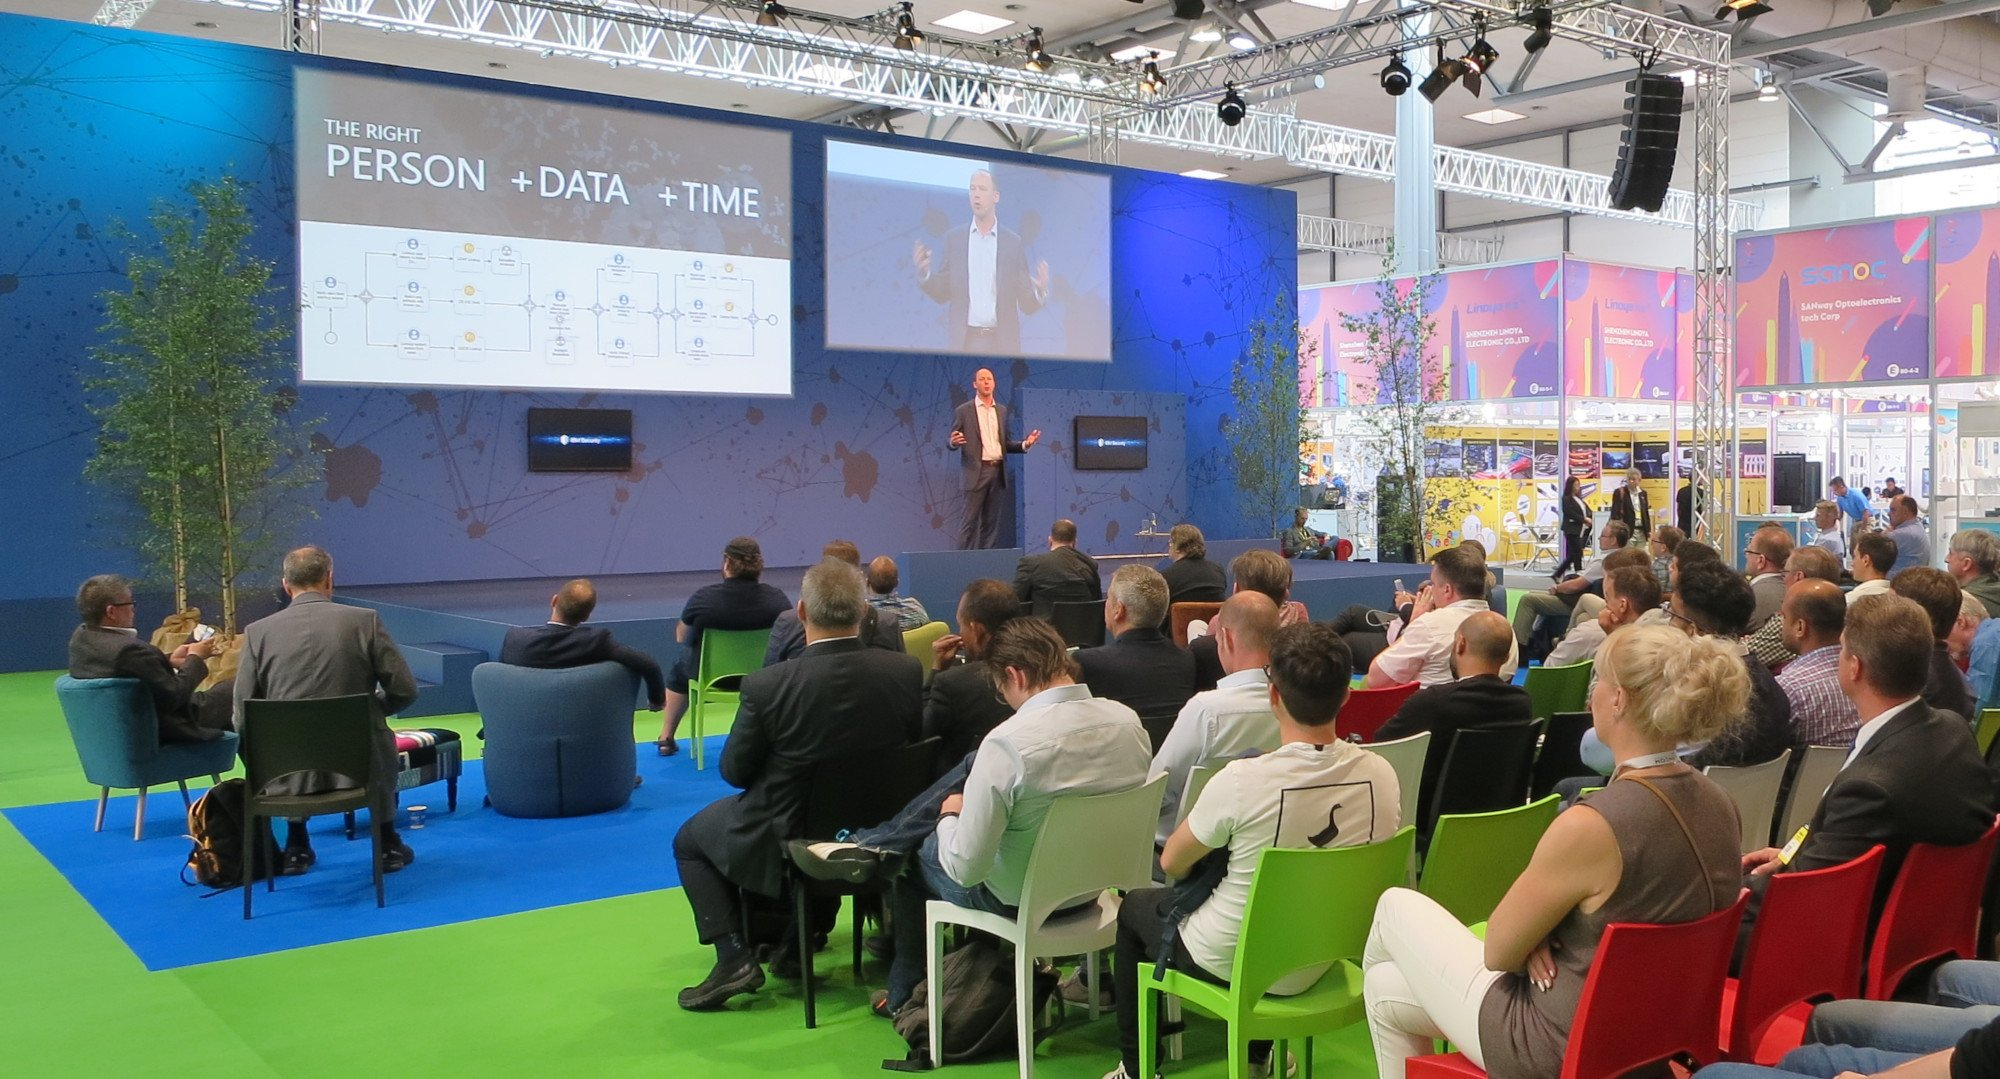 The right Person +Data +Time  – ein spannendes Thema? Viele meinen ja (Bild: Peter Giesecke)